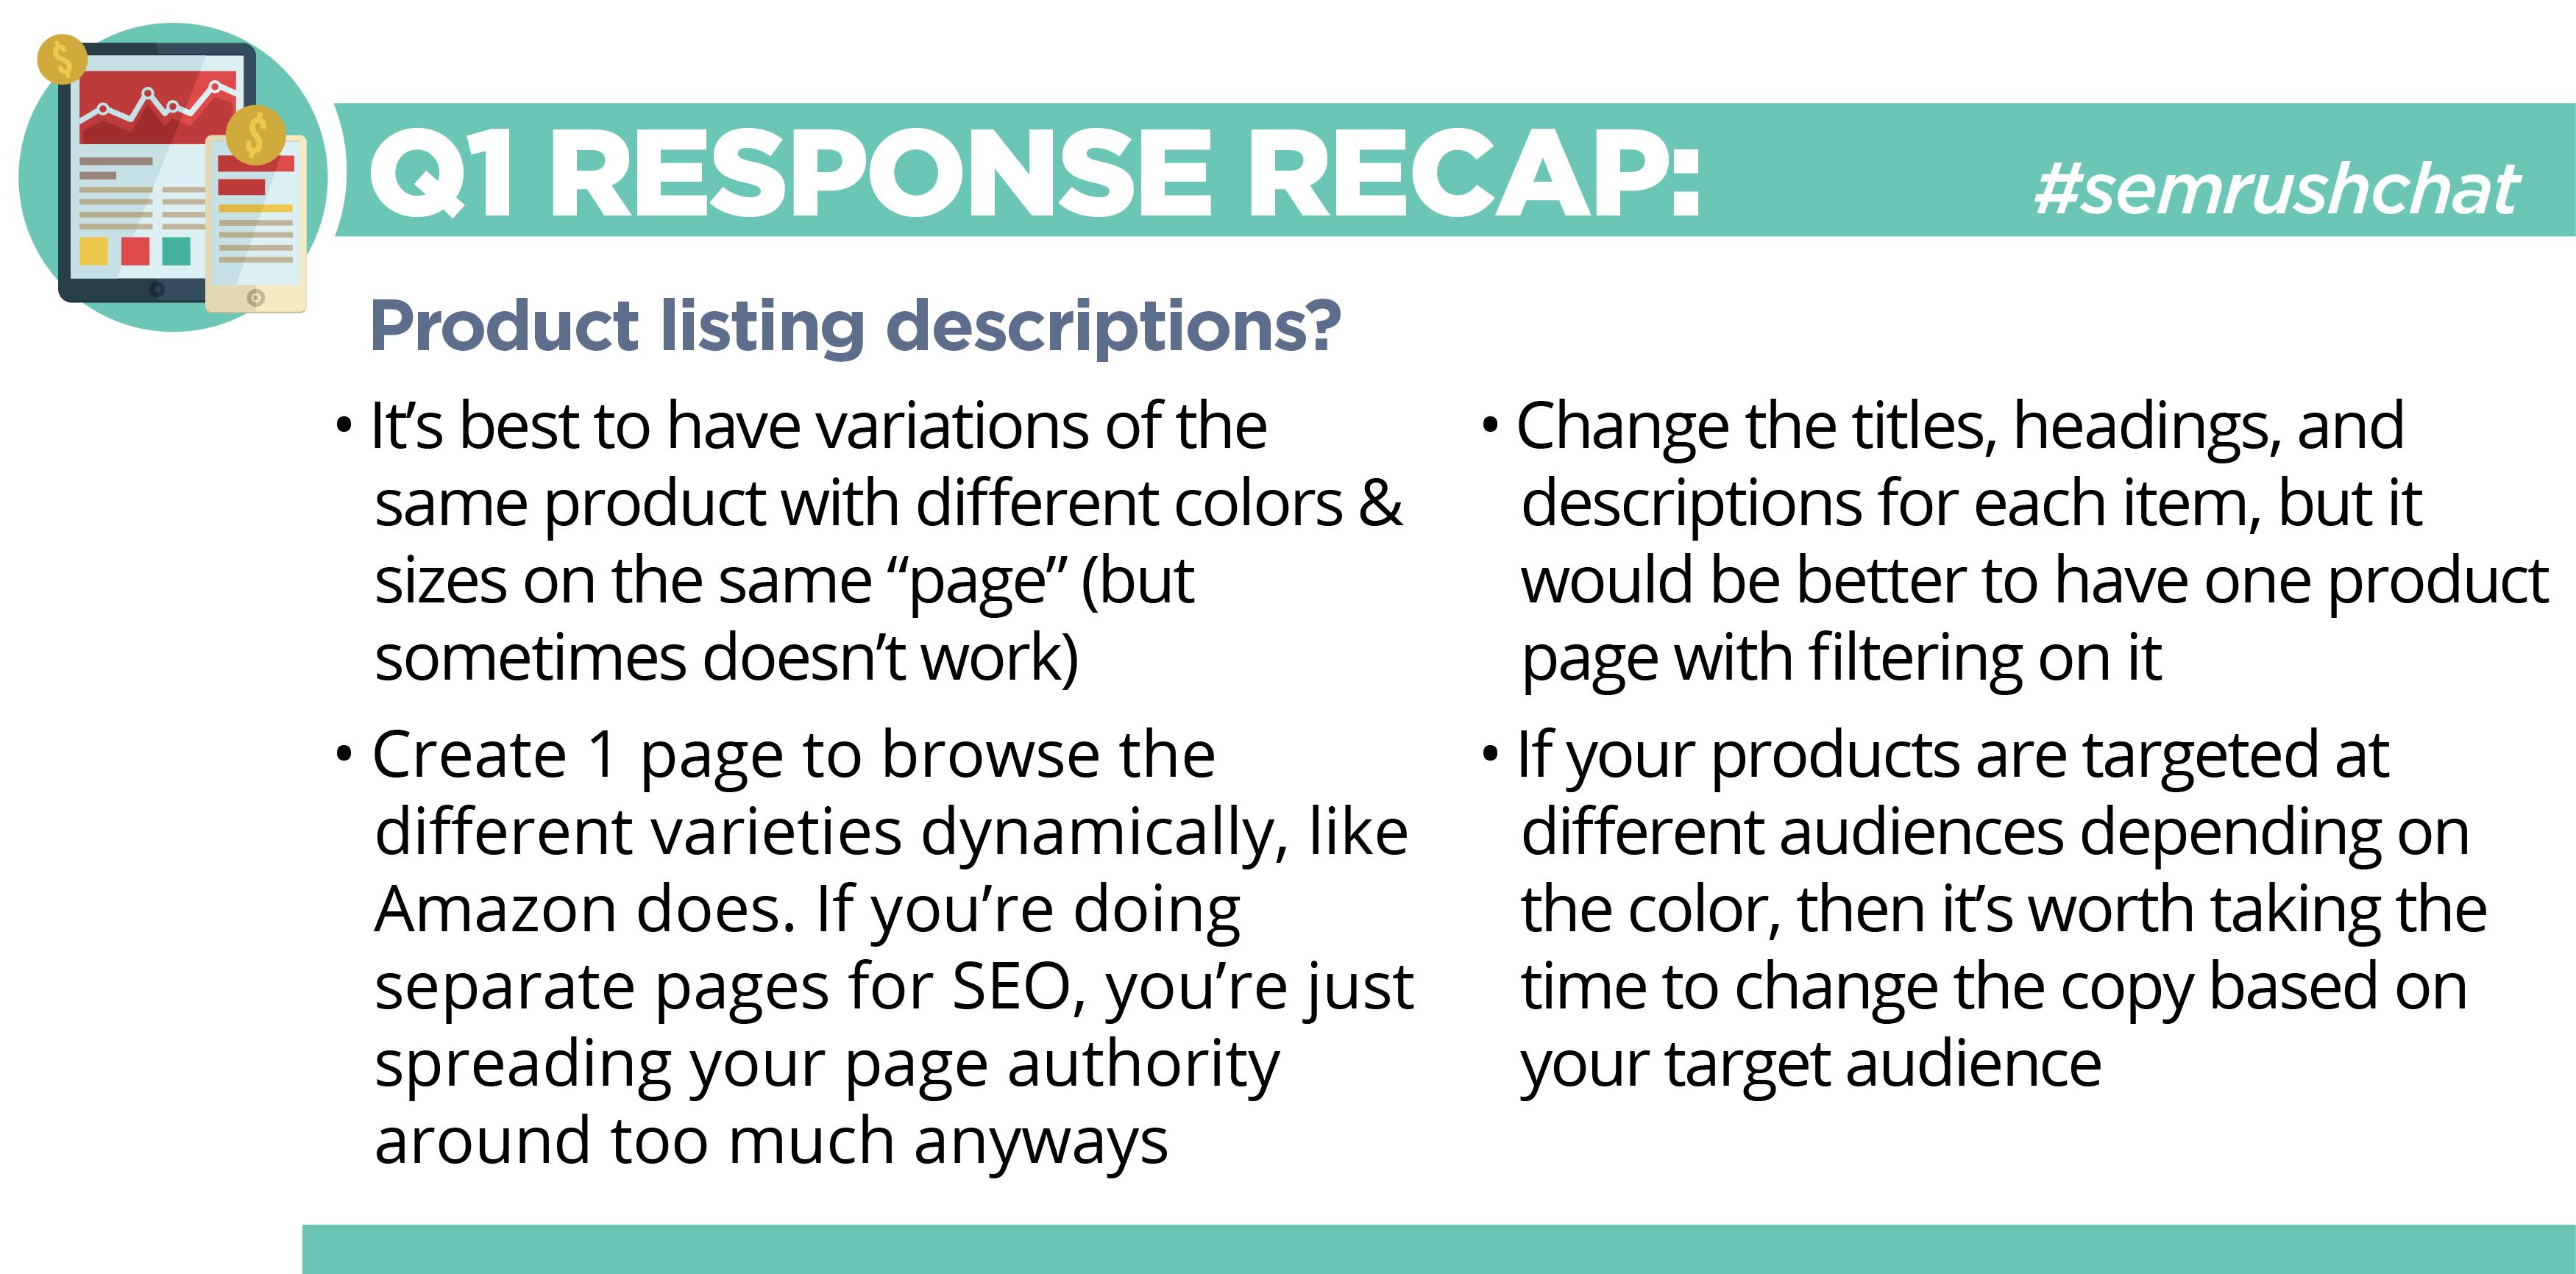 chat-recap-q1-response-recap.png